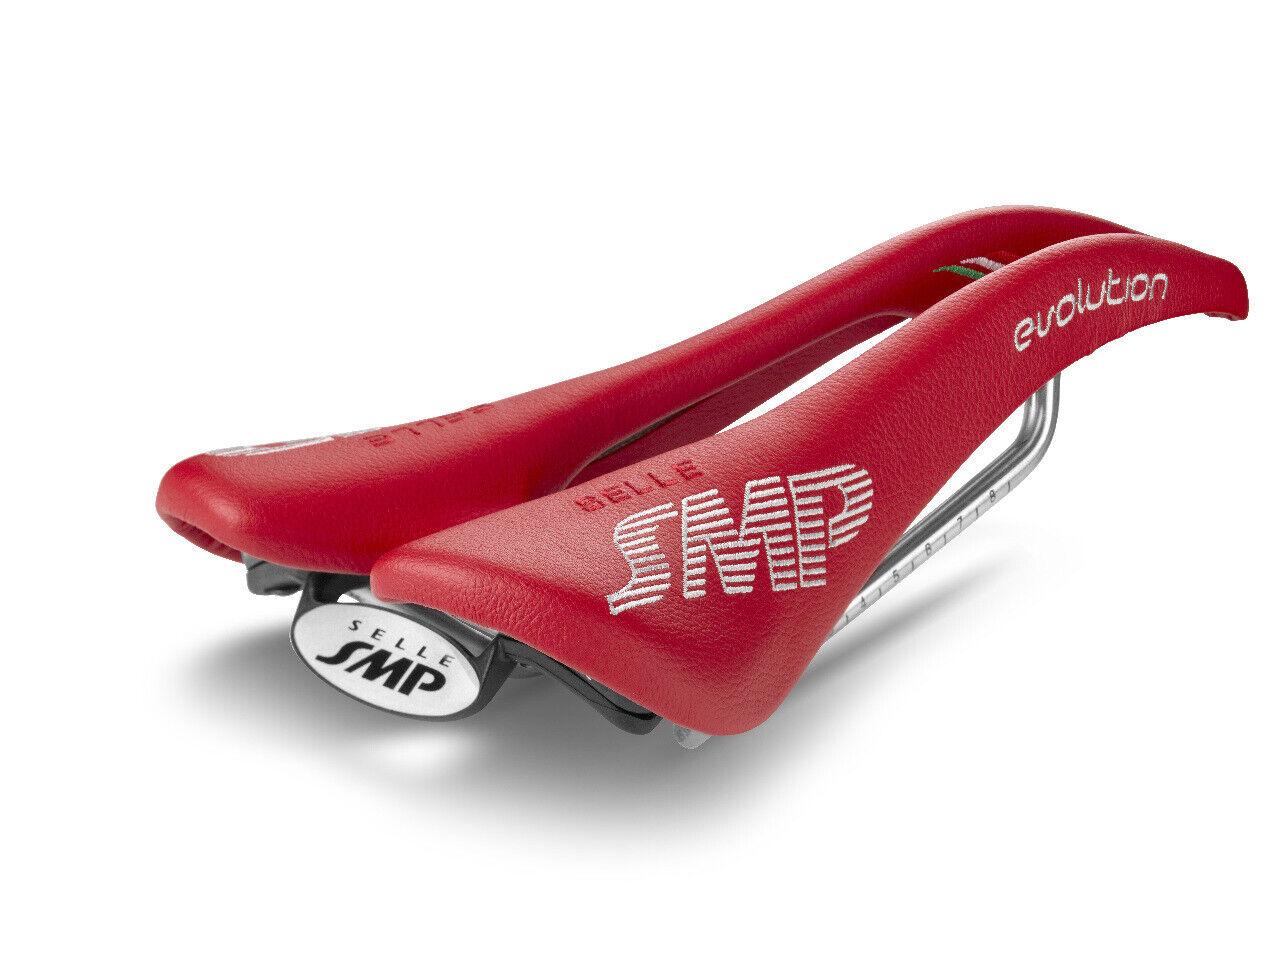 Selle SMP Evoluzione Sella Della Bicicletta Sella  Rosso. Made in